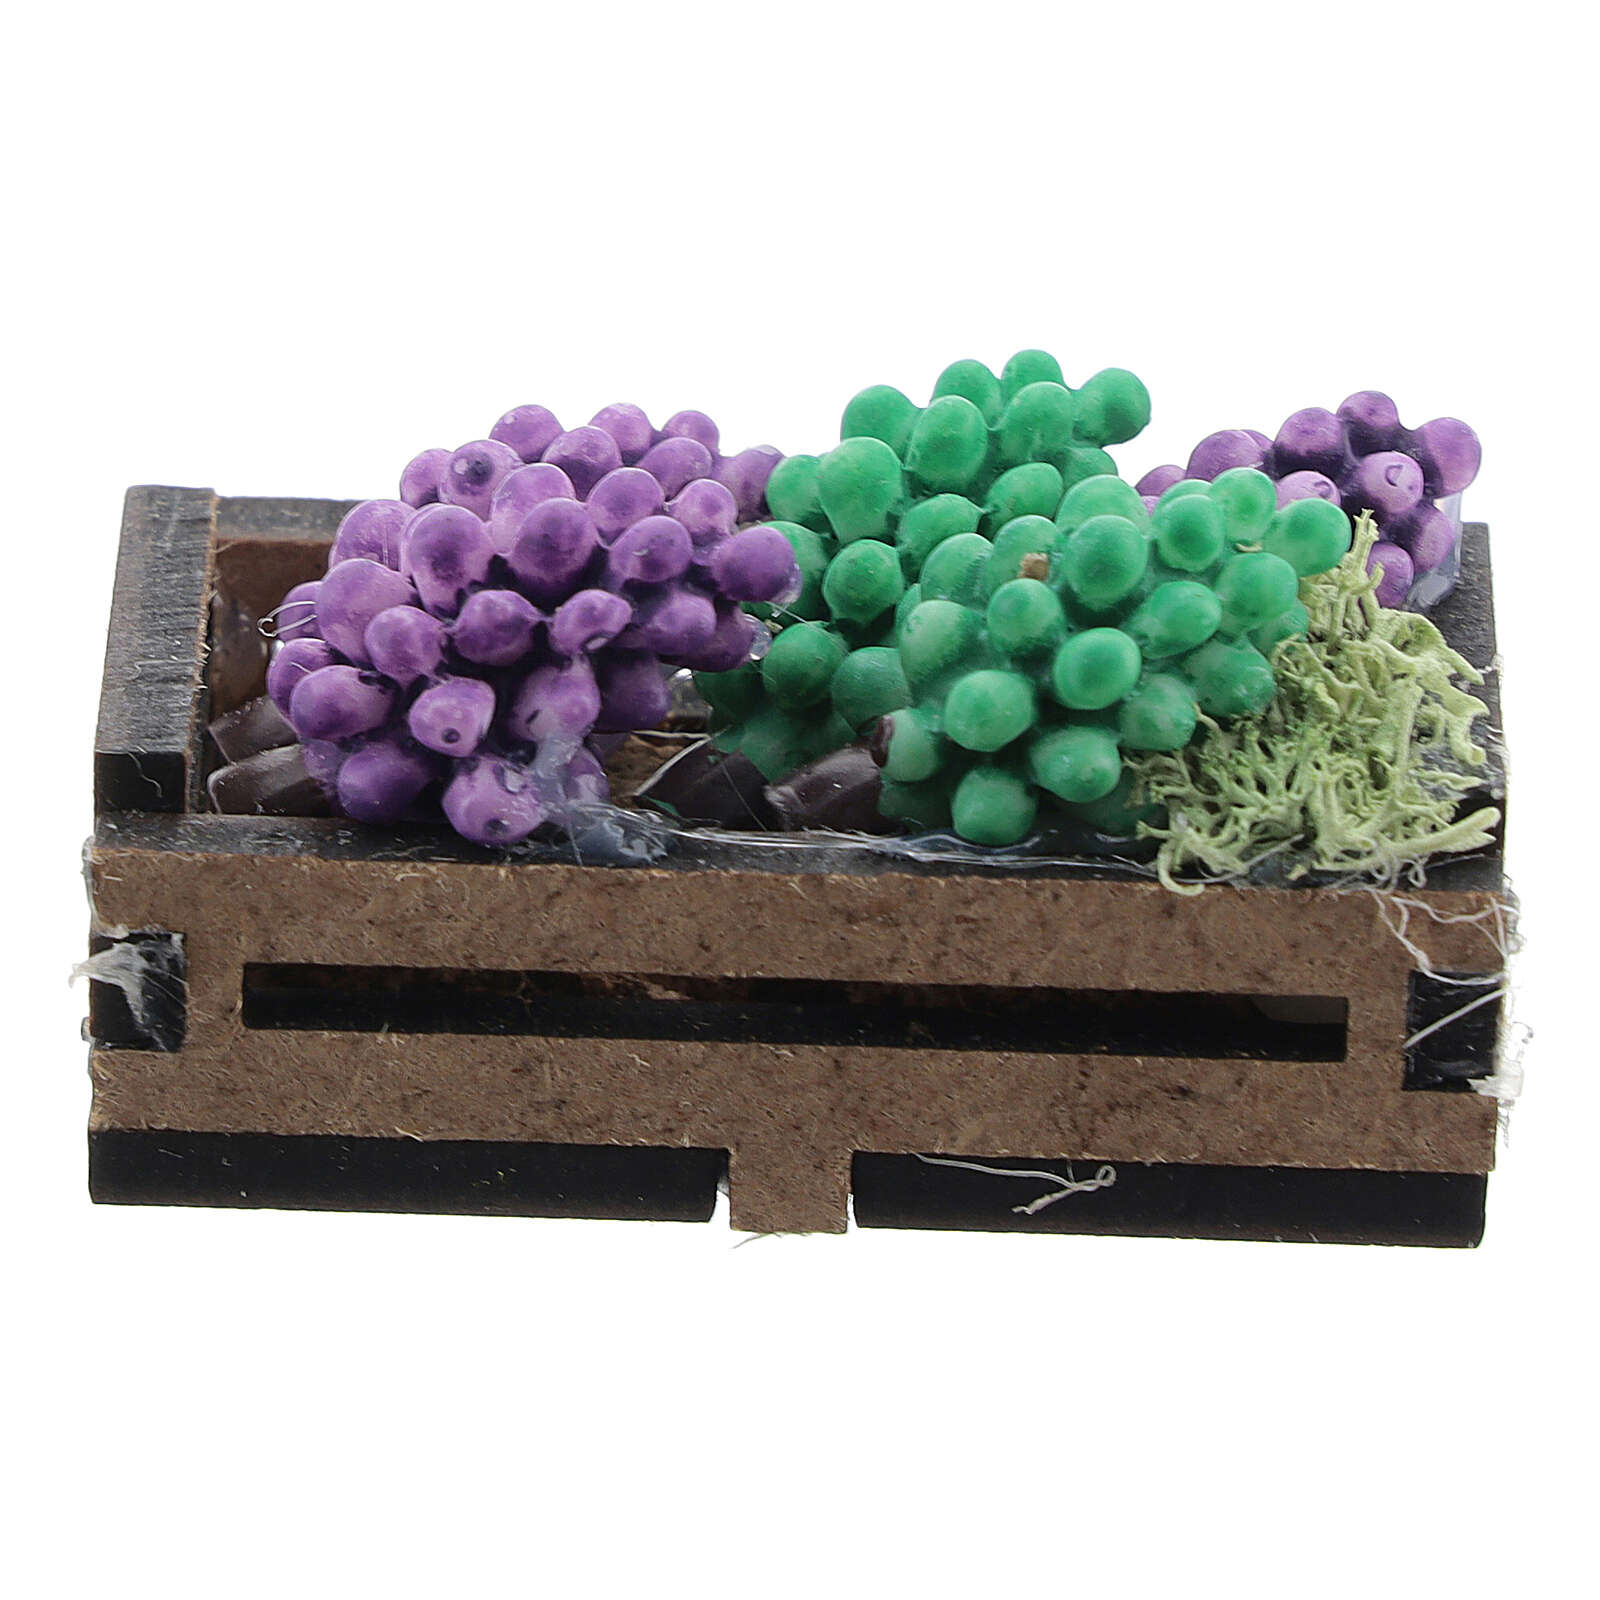 Grapes in box Nativity scene 12-14 cm 4